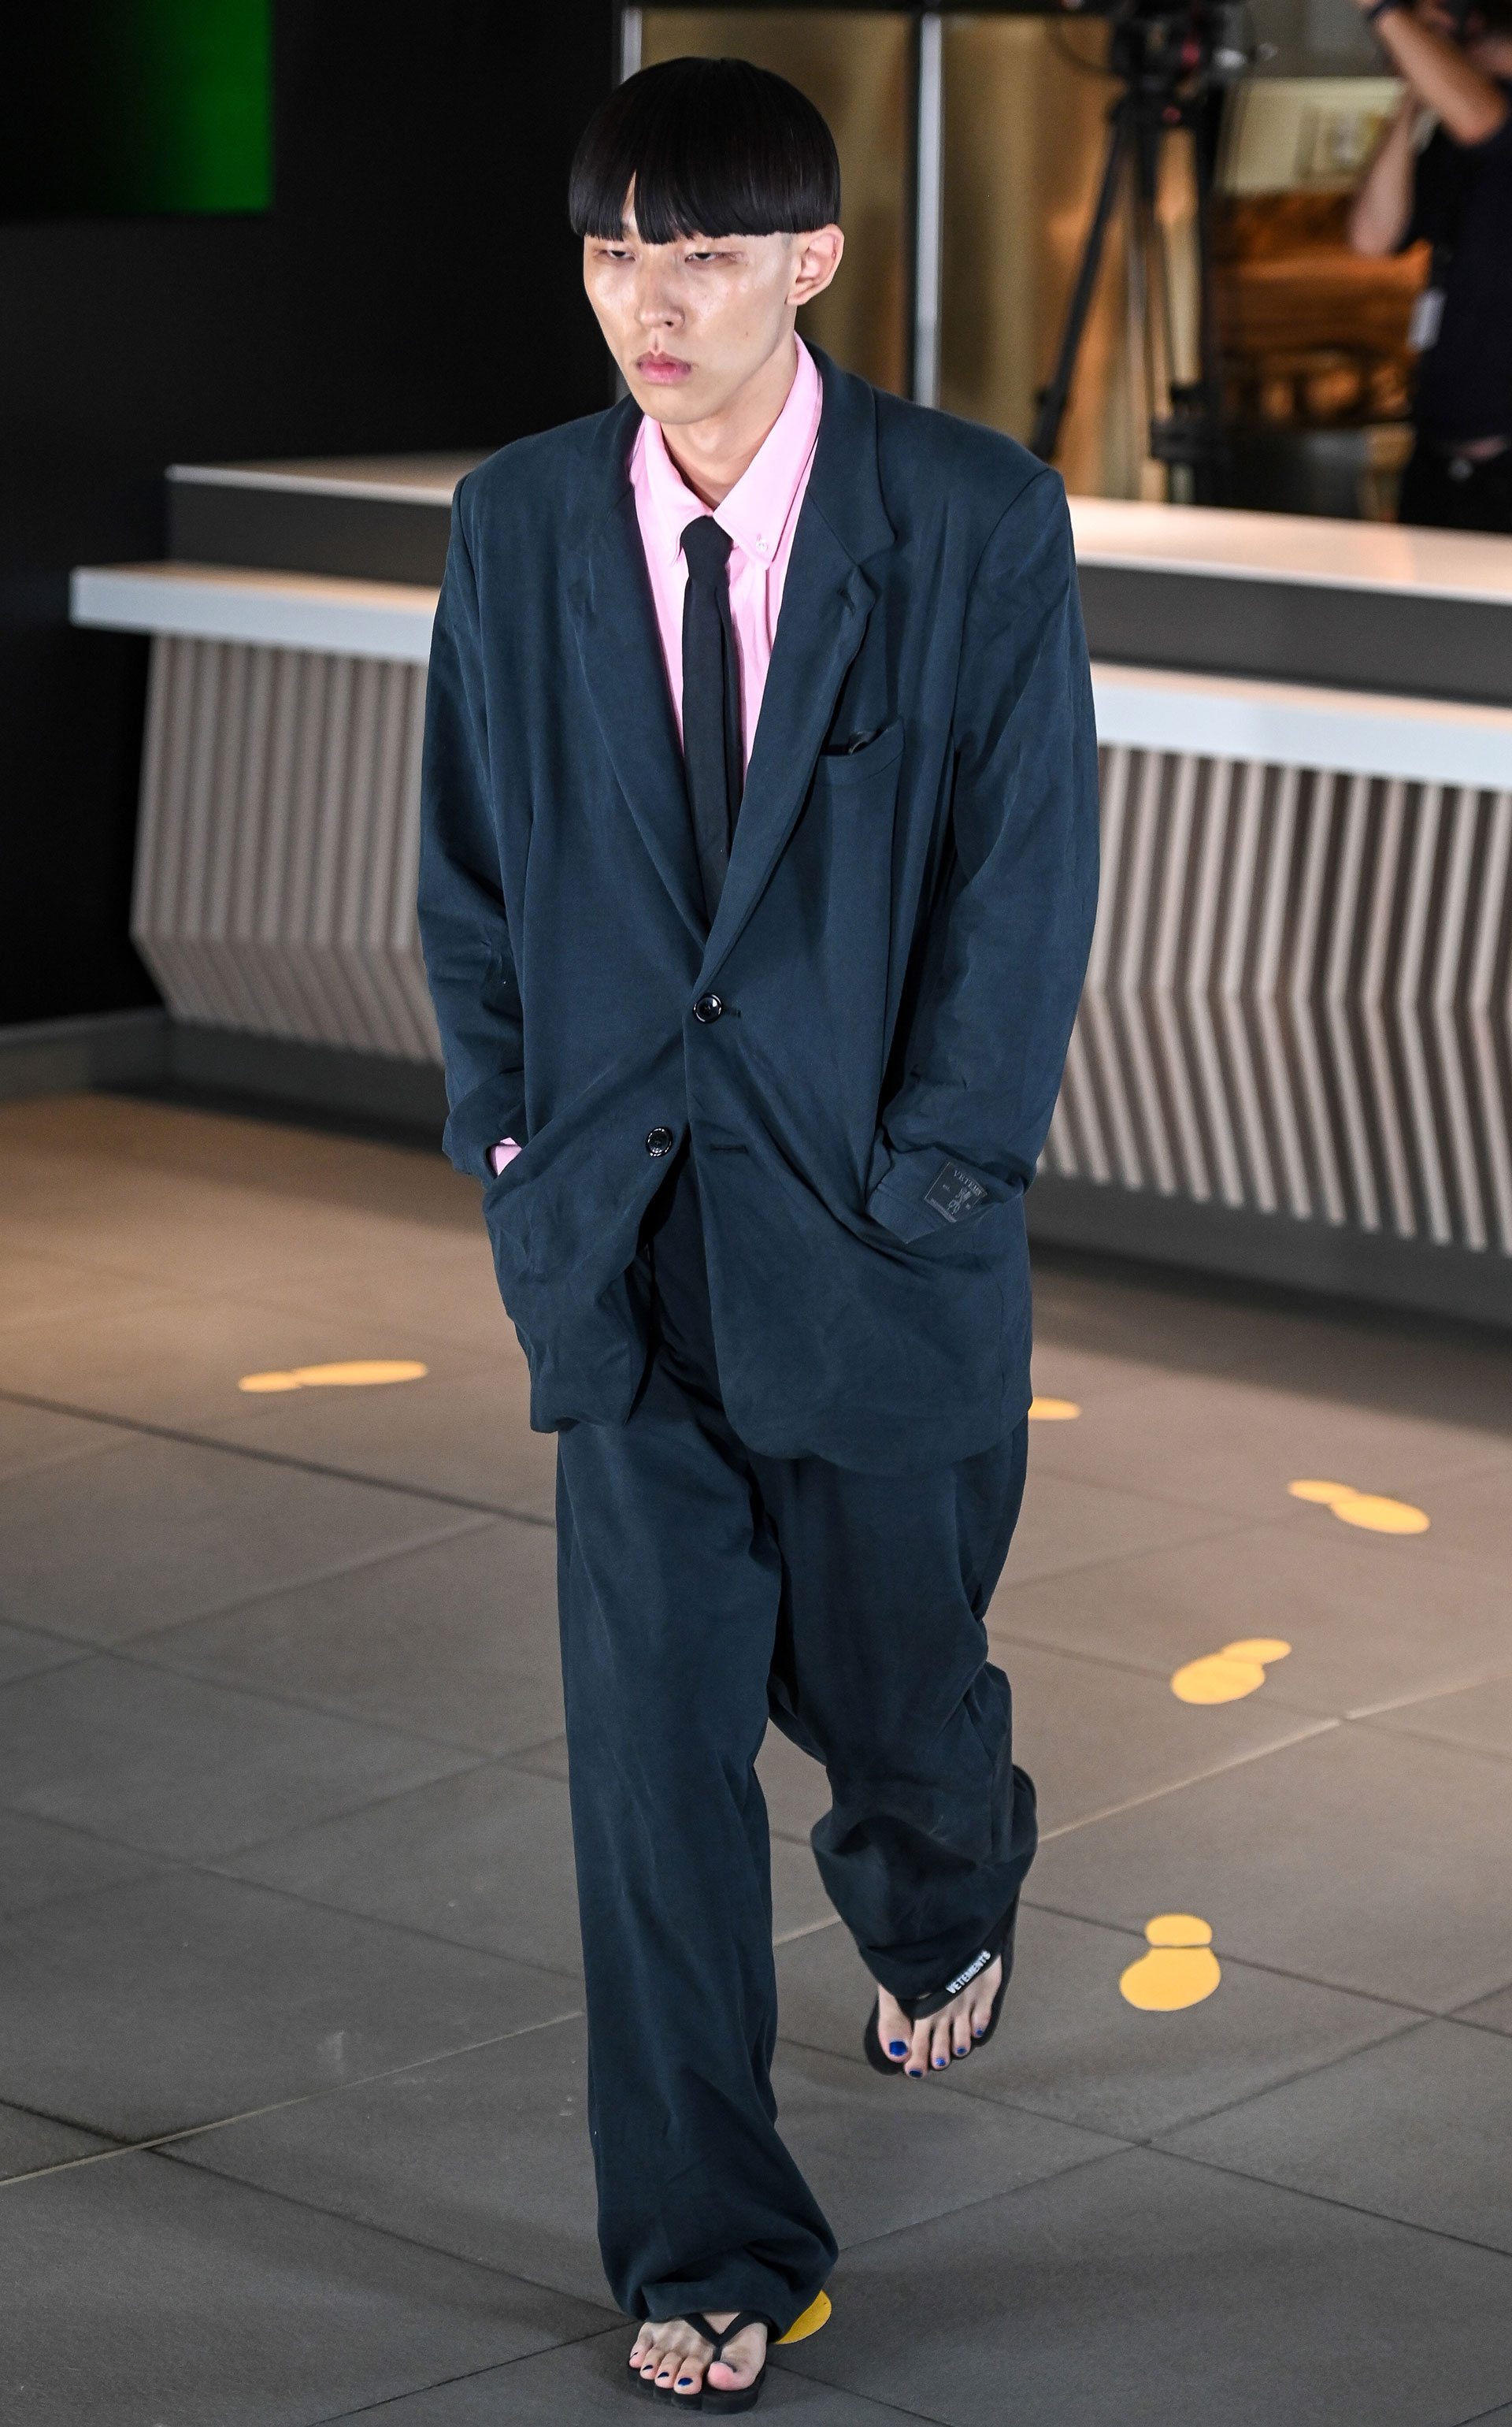 Como todas las colecciones de hombres Vetements también presentó sastrería. Oversized en color azul petróleo combinado con ojotas con camisa rosa y slim tie fueron parte de la propuesta de la firma